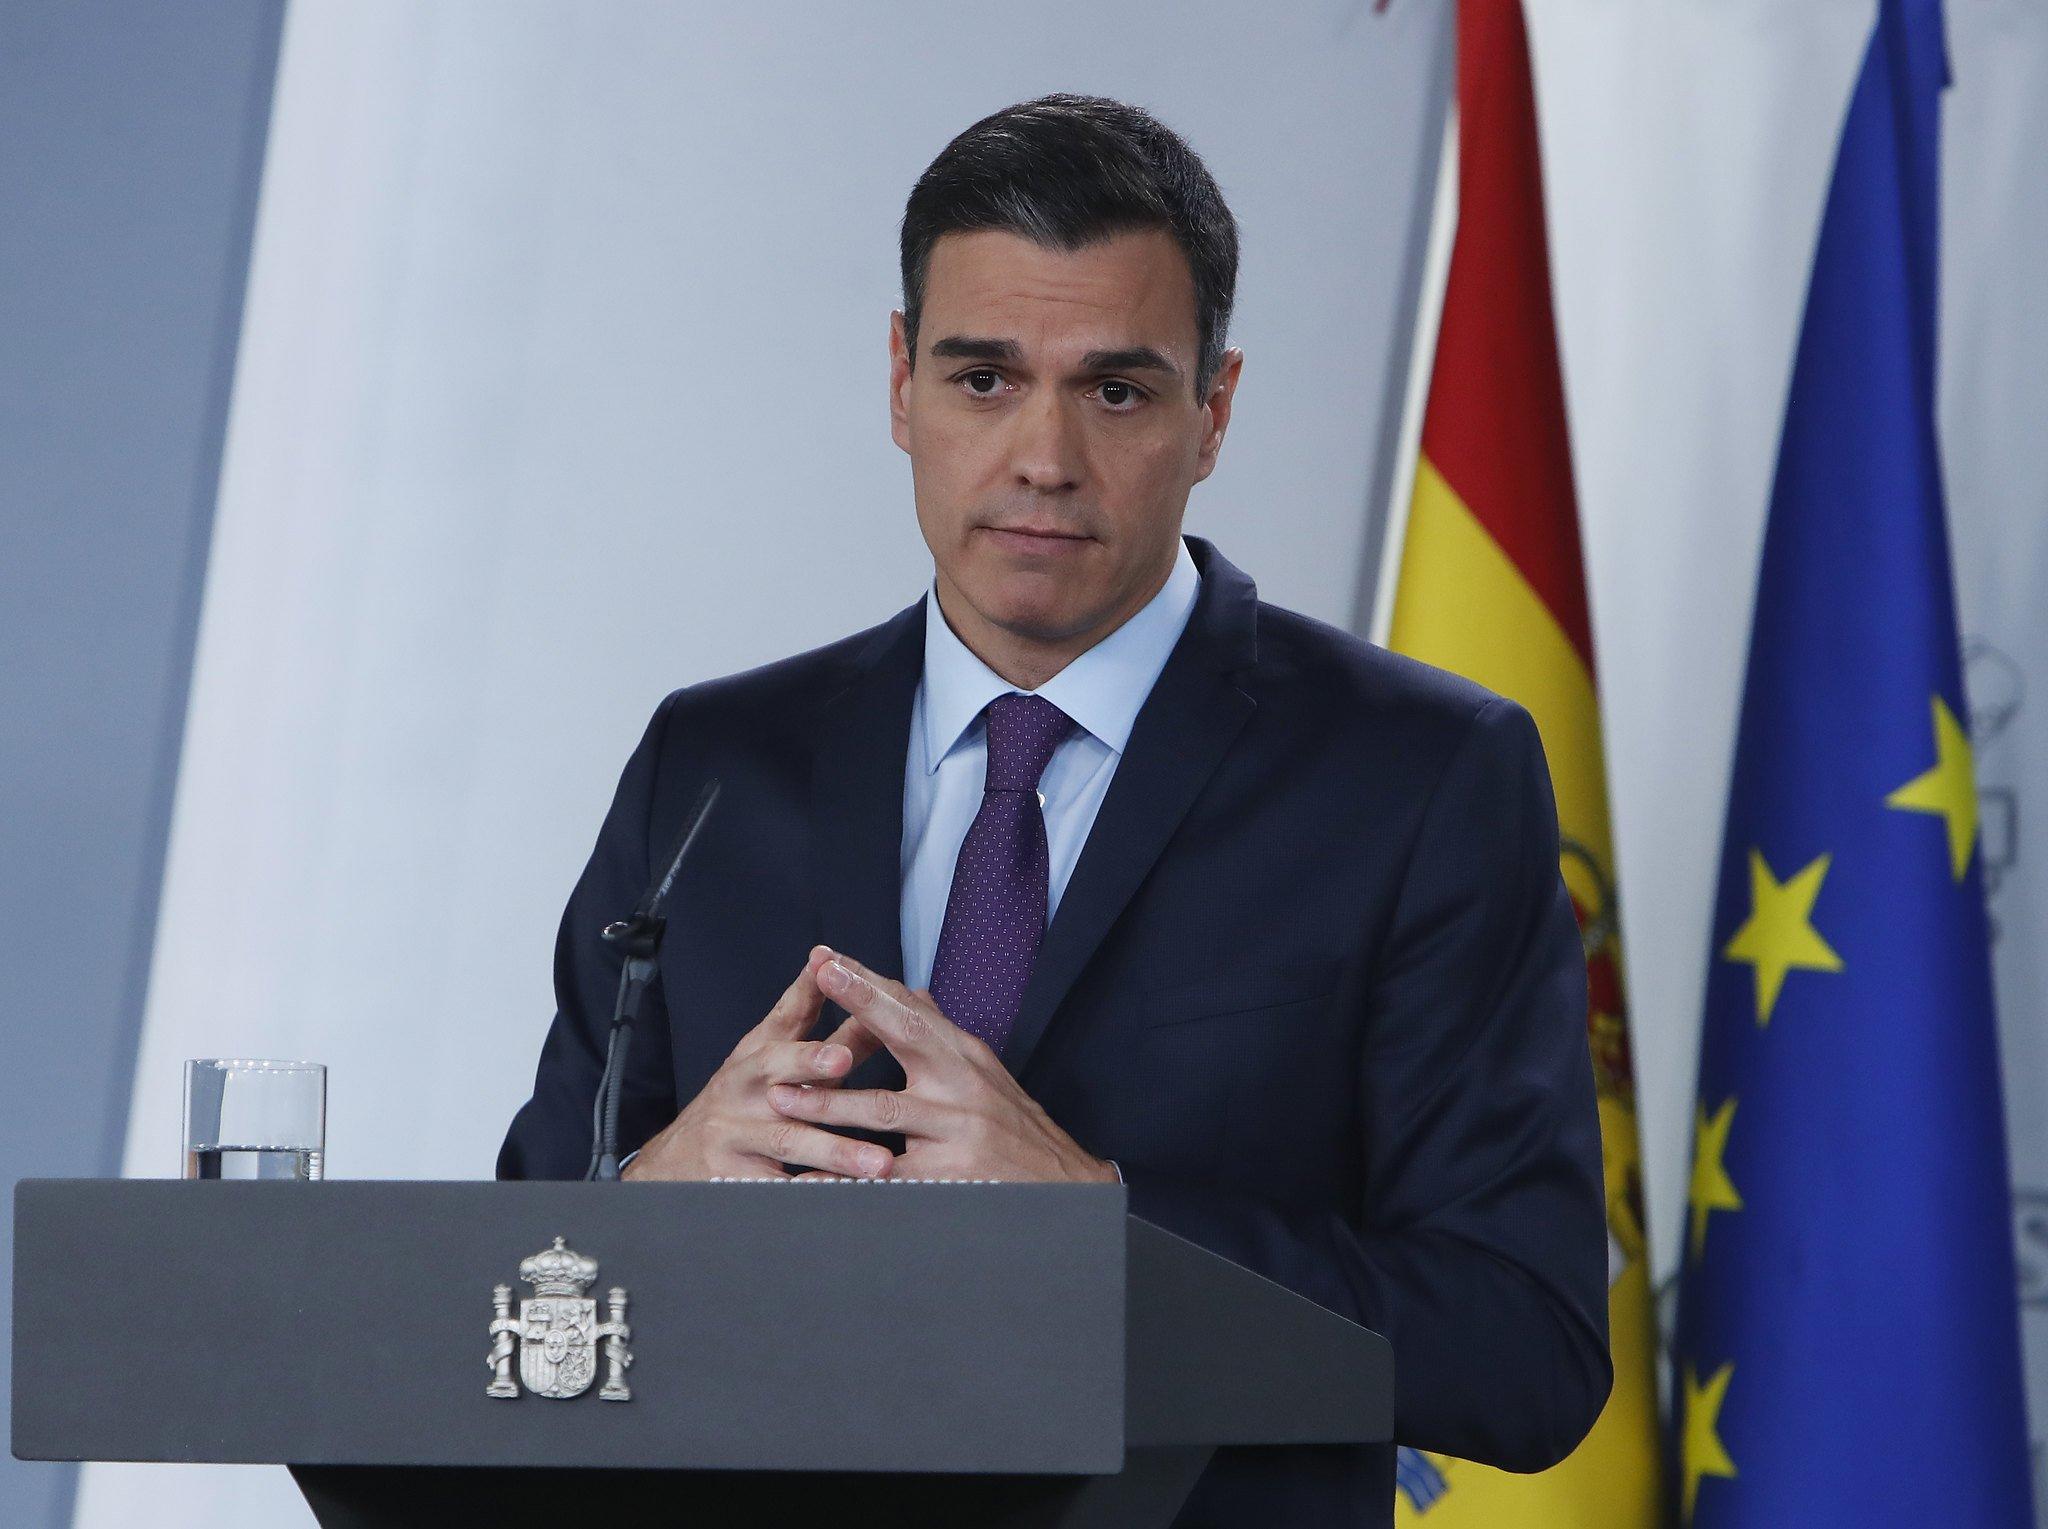 La cobardía de Sánchez con la fragata 'Méndez Núñez'